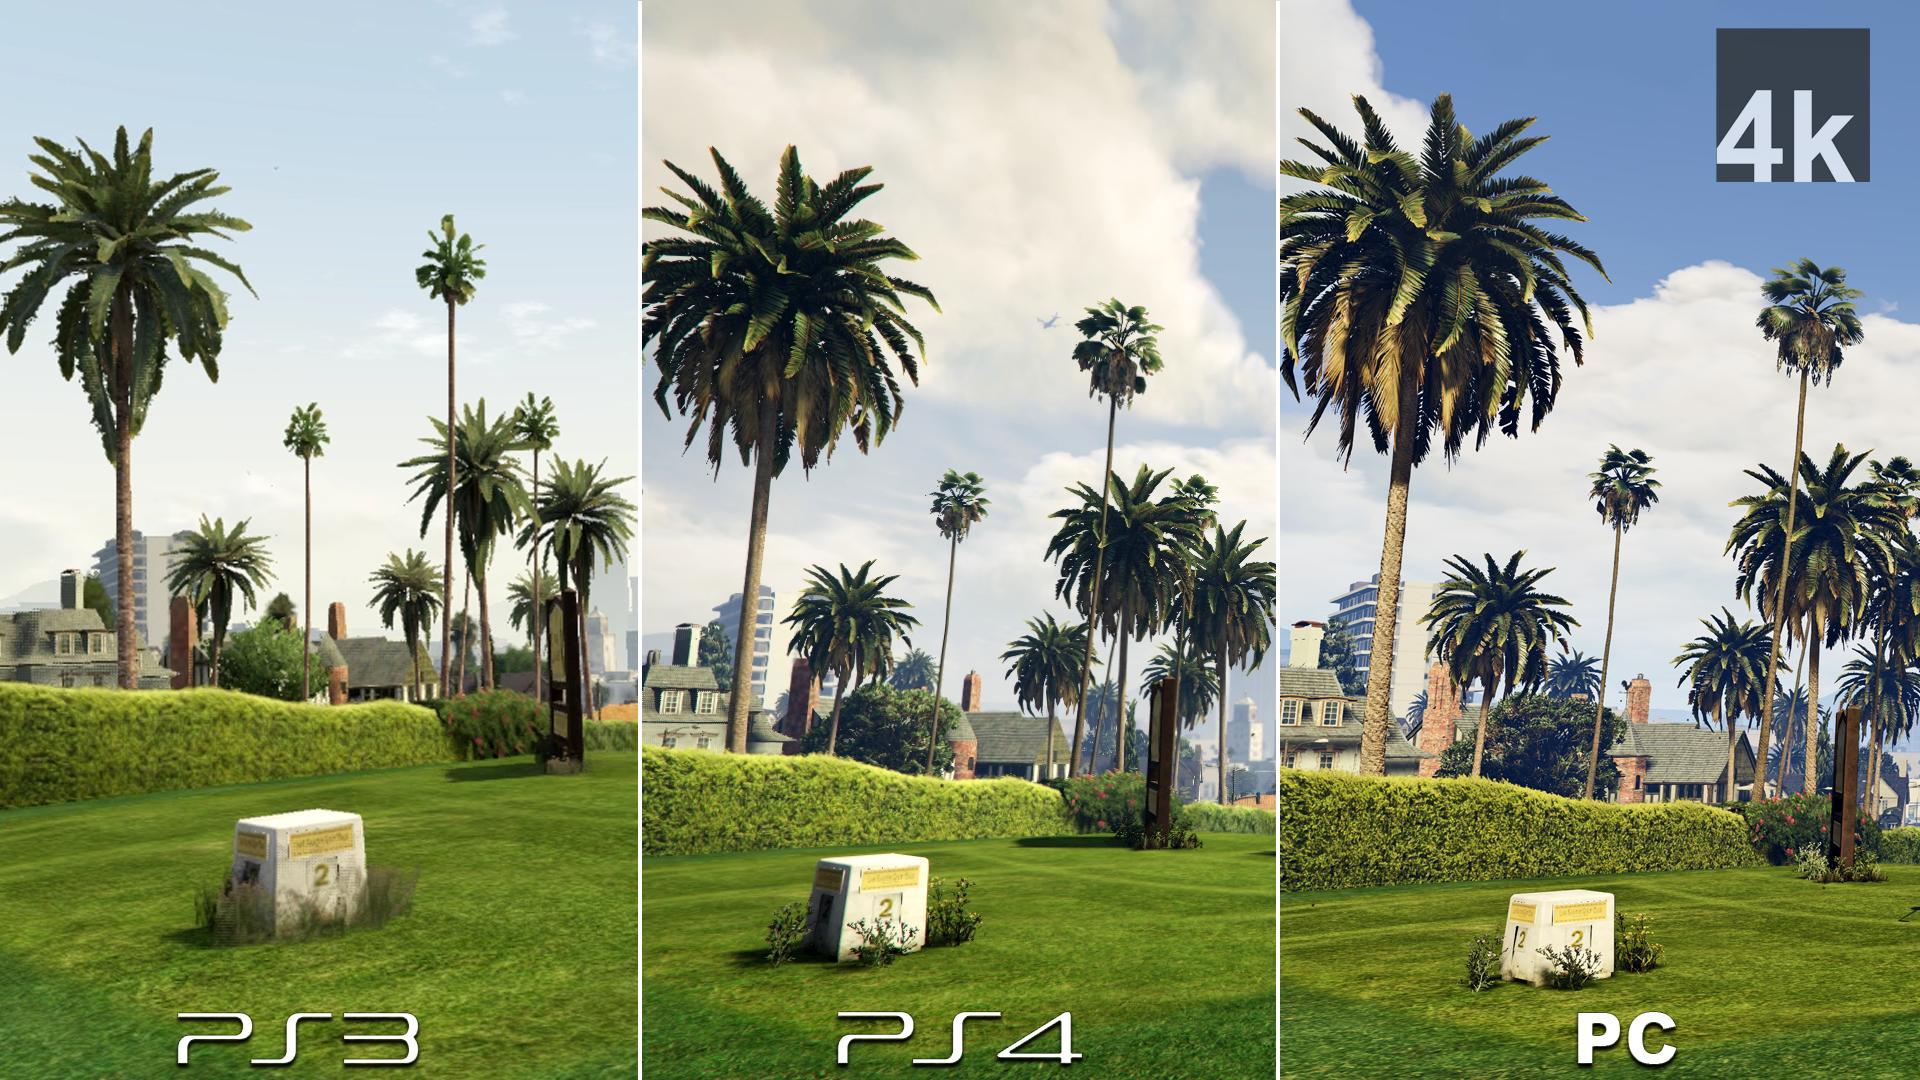 GTA 5, PC-PS4-PS3-12